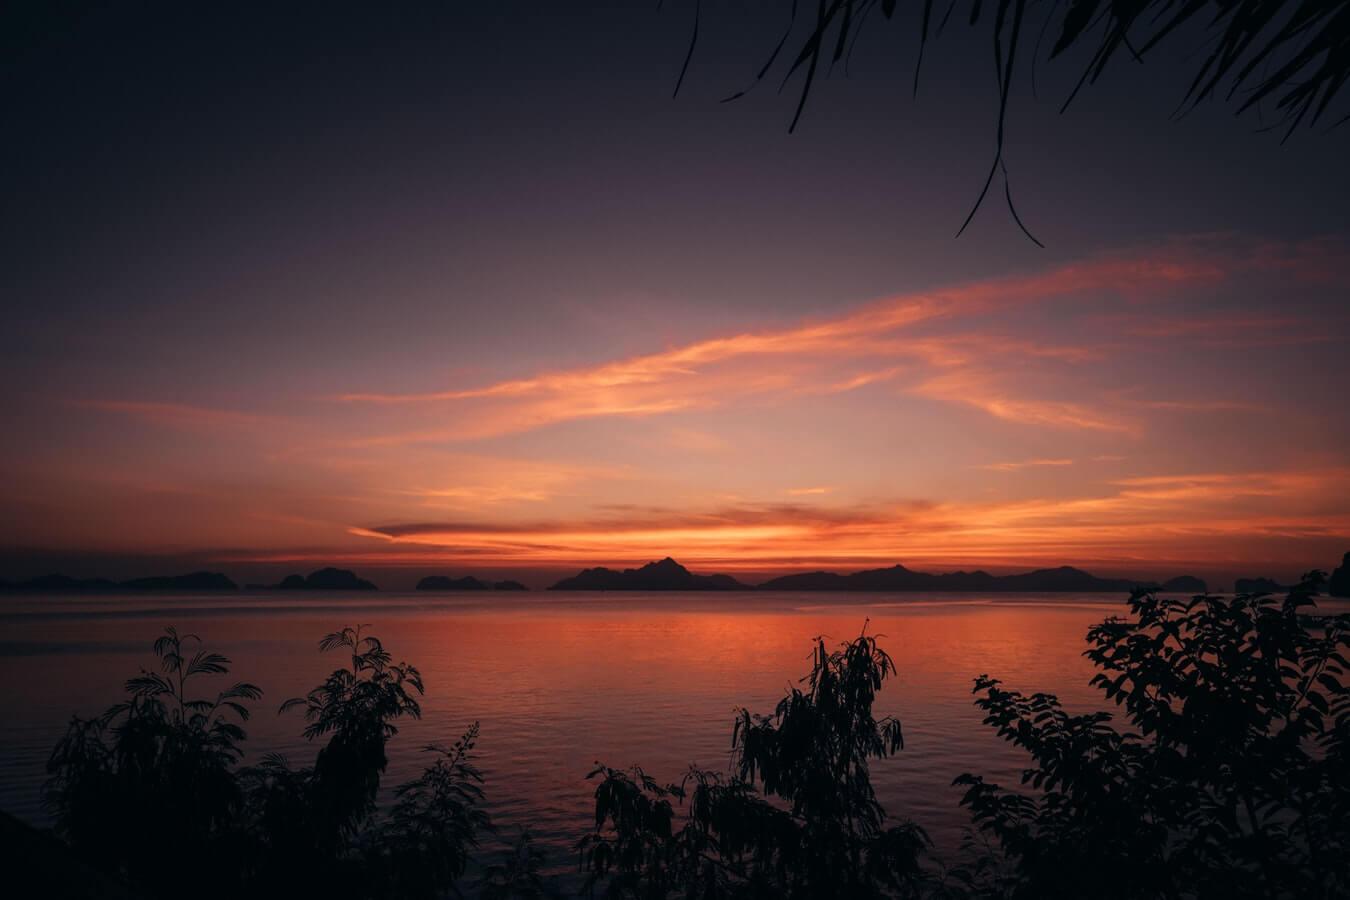 Μαγευτικό Ηλιοβασίλεμα στην Σκόπελο